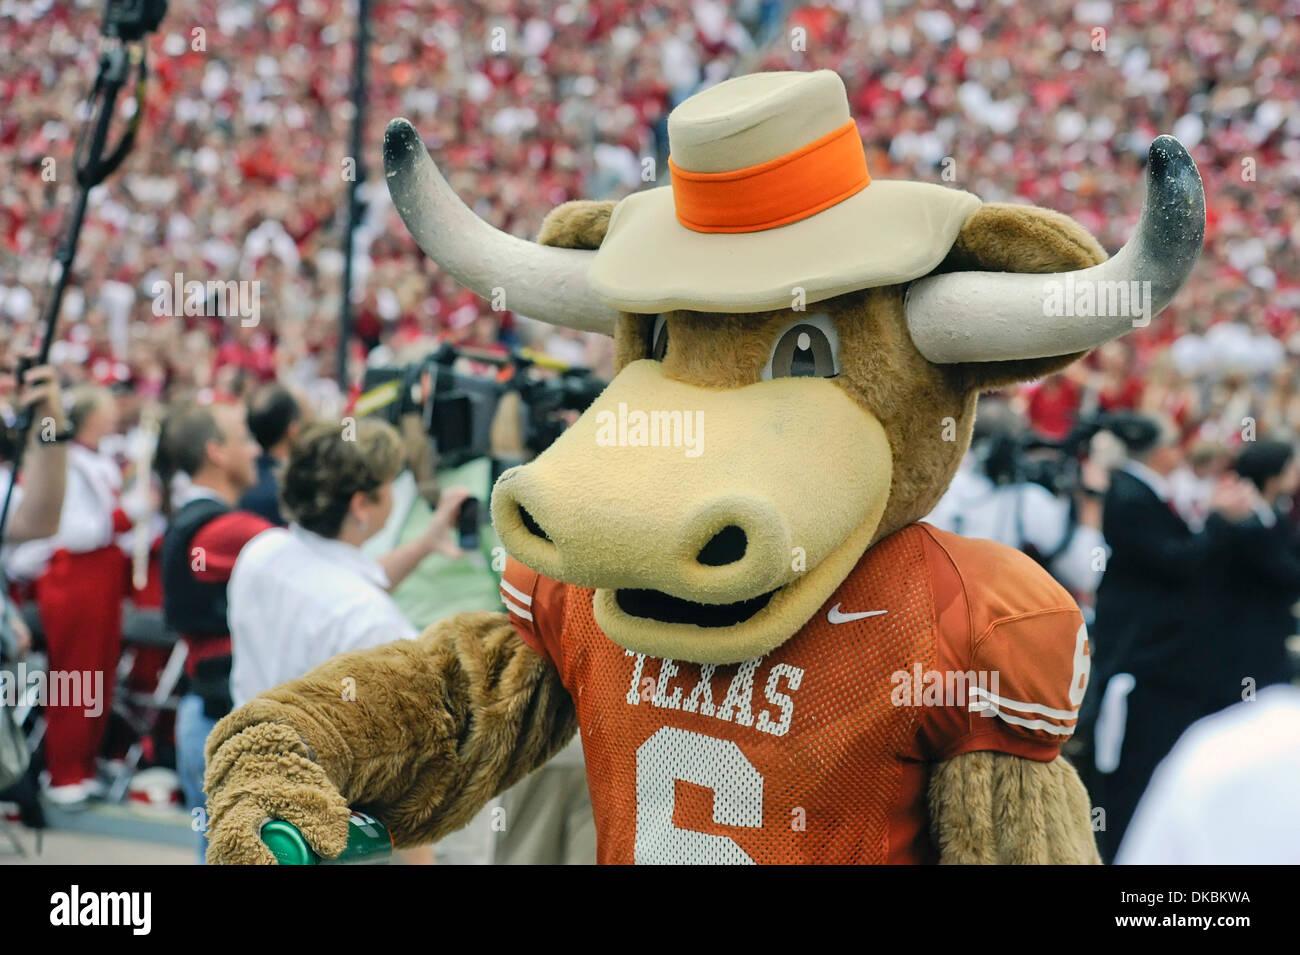 Oct. 8 2011 - Dallas Texas U.S - Texas mascot Bevo prior & Texas Longhorns Mascot Stock Photos u0026 Texas Longhorns Mascot Stock ...